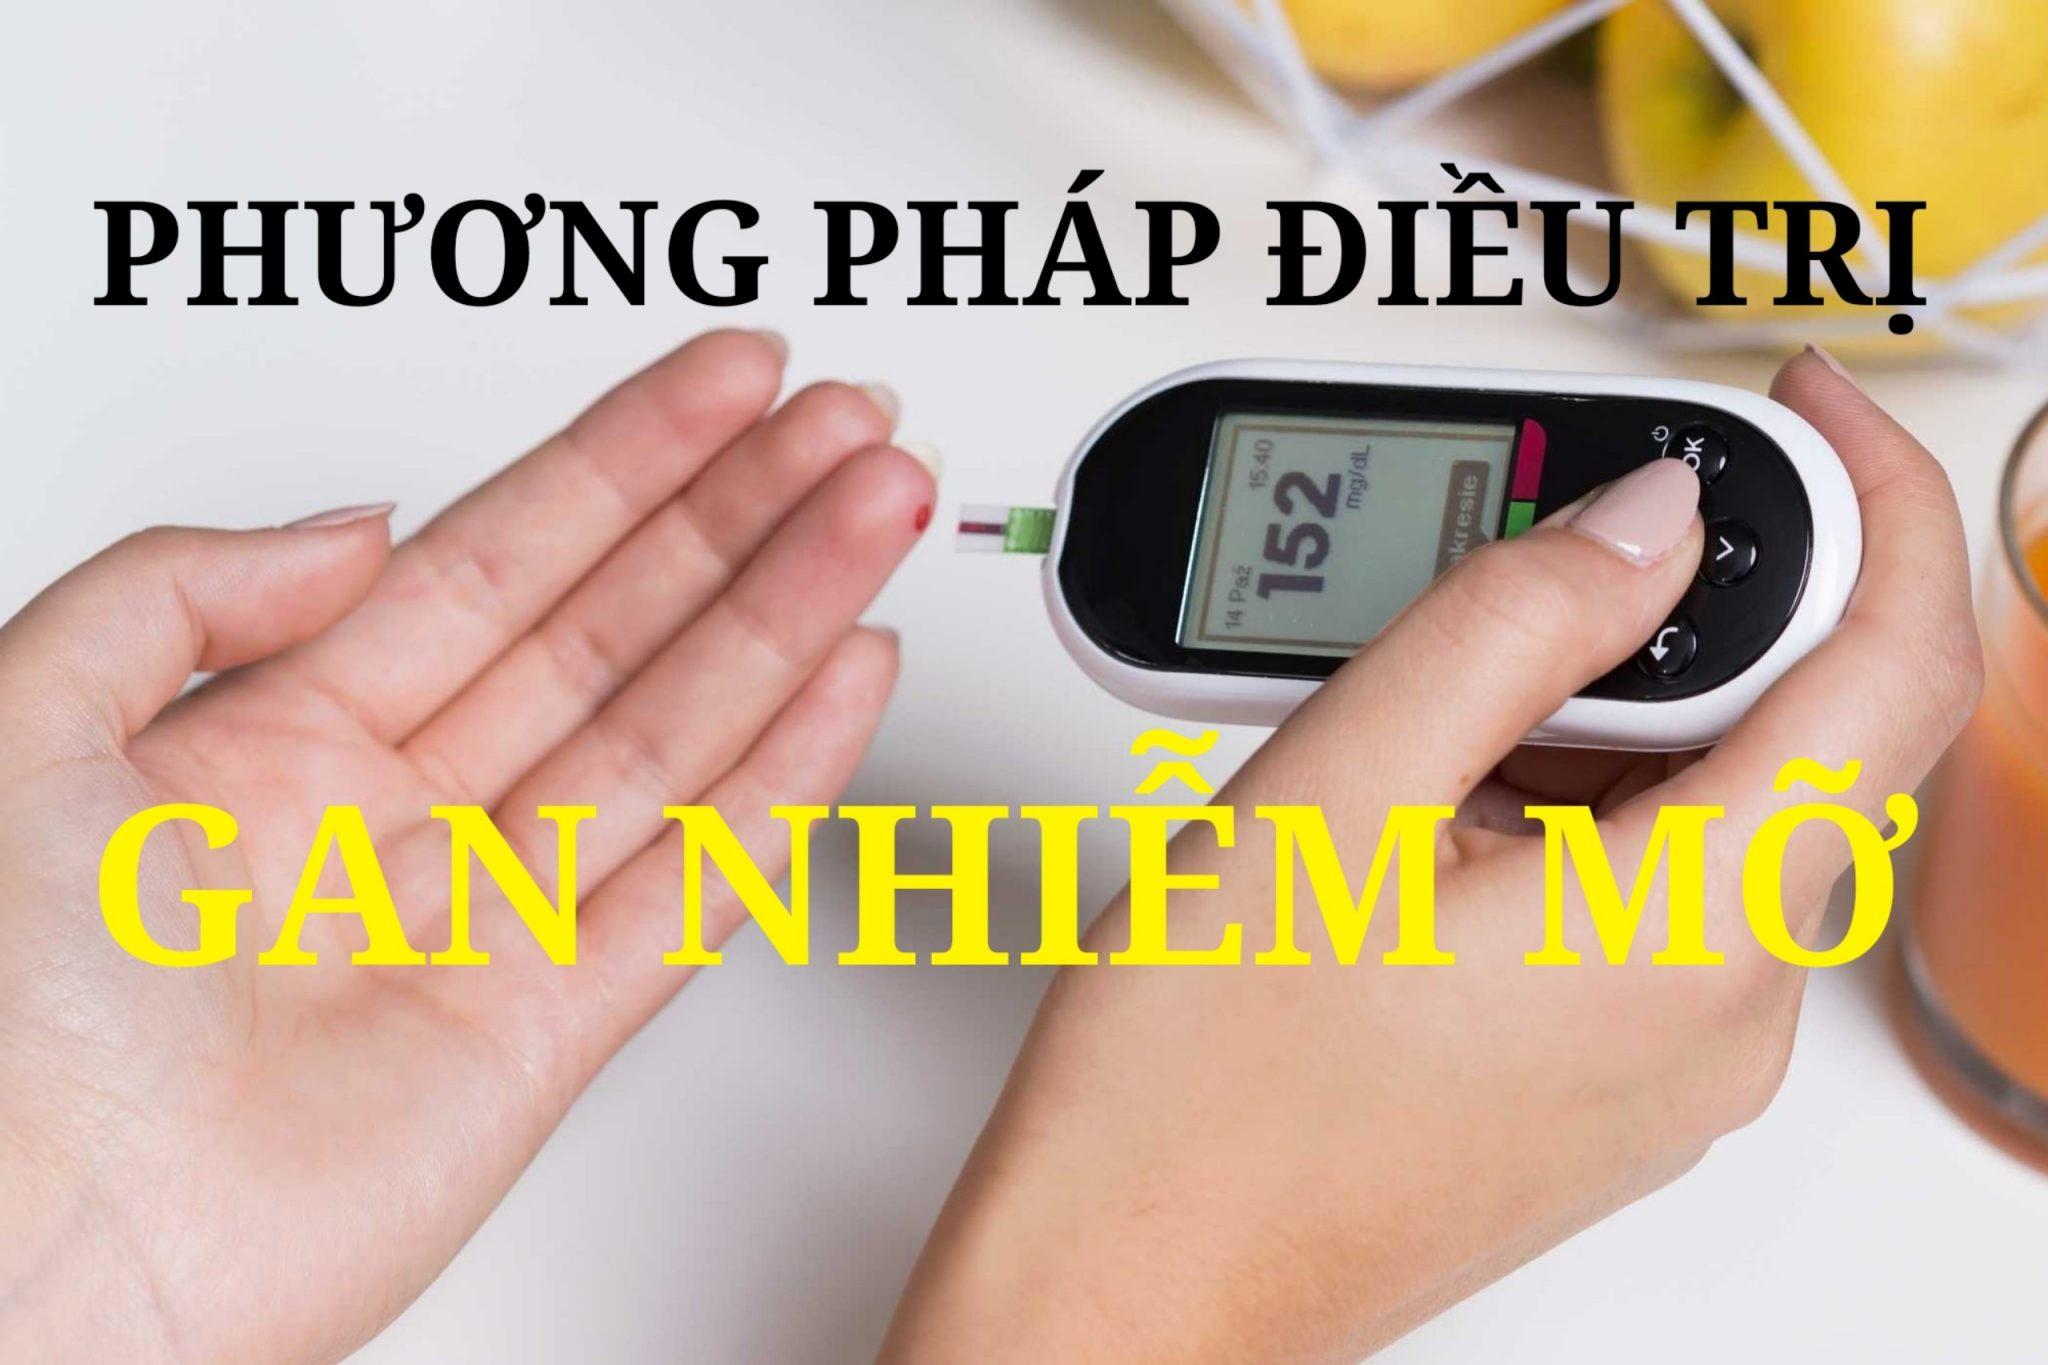 Phương pháp điều trị Gan Nhiễm Mỡ